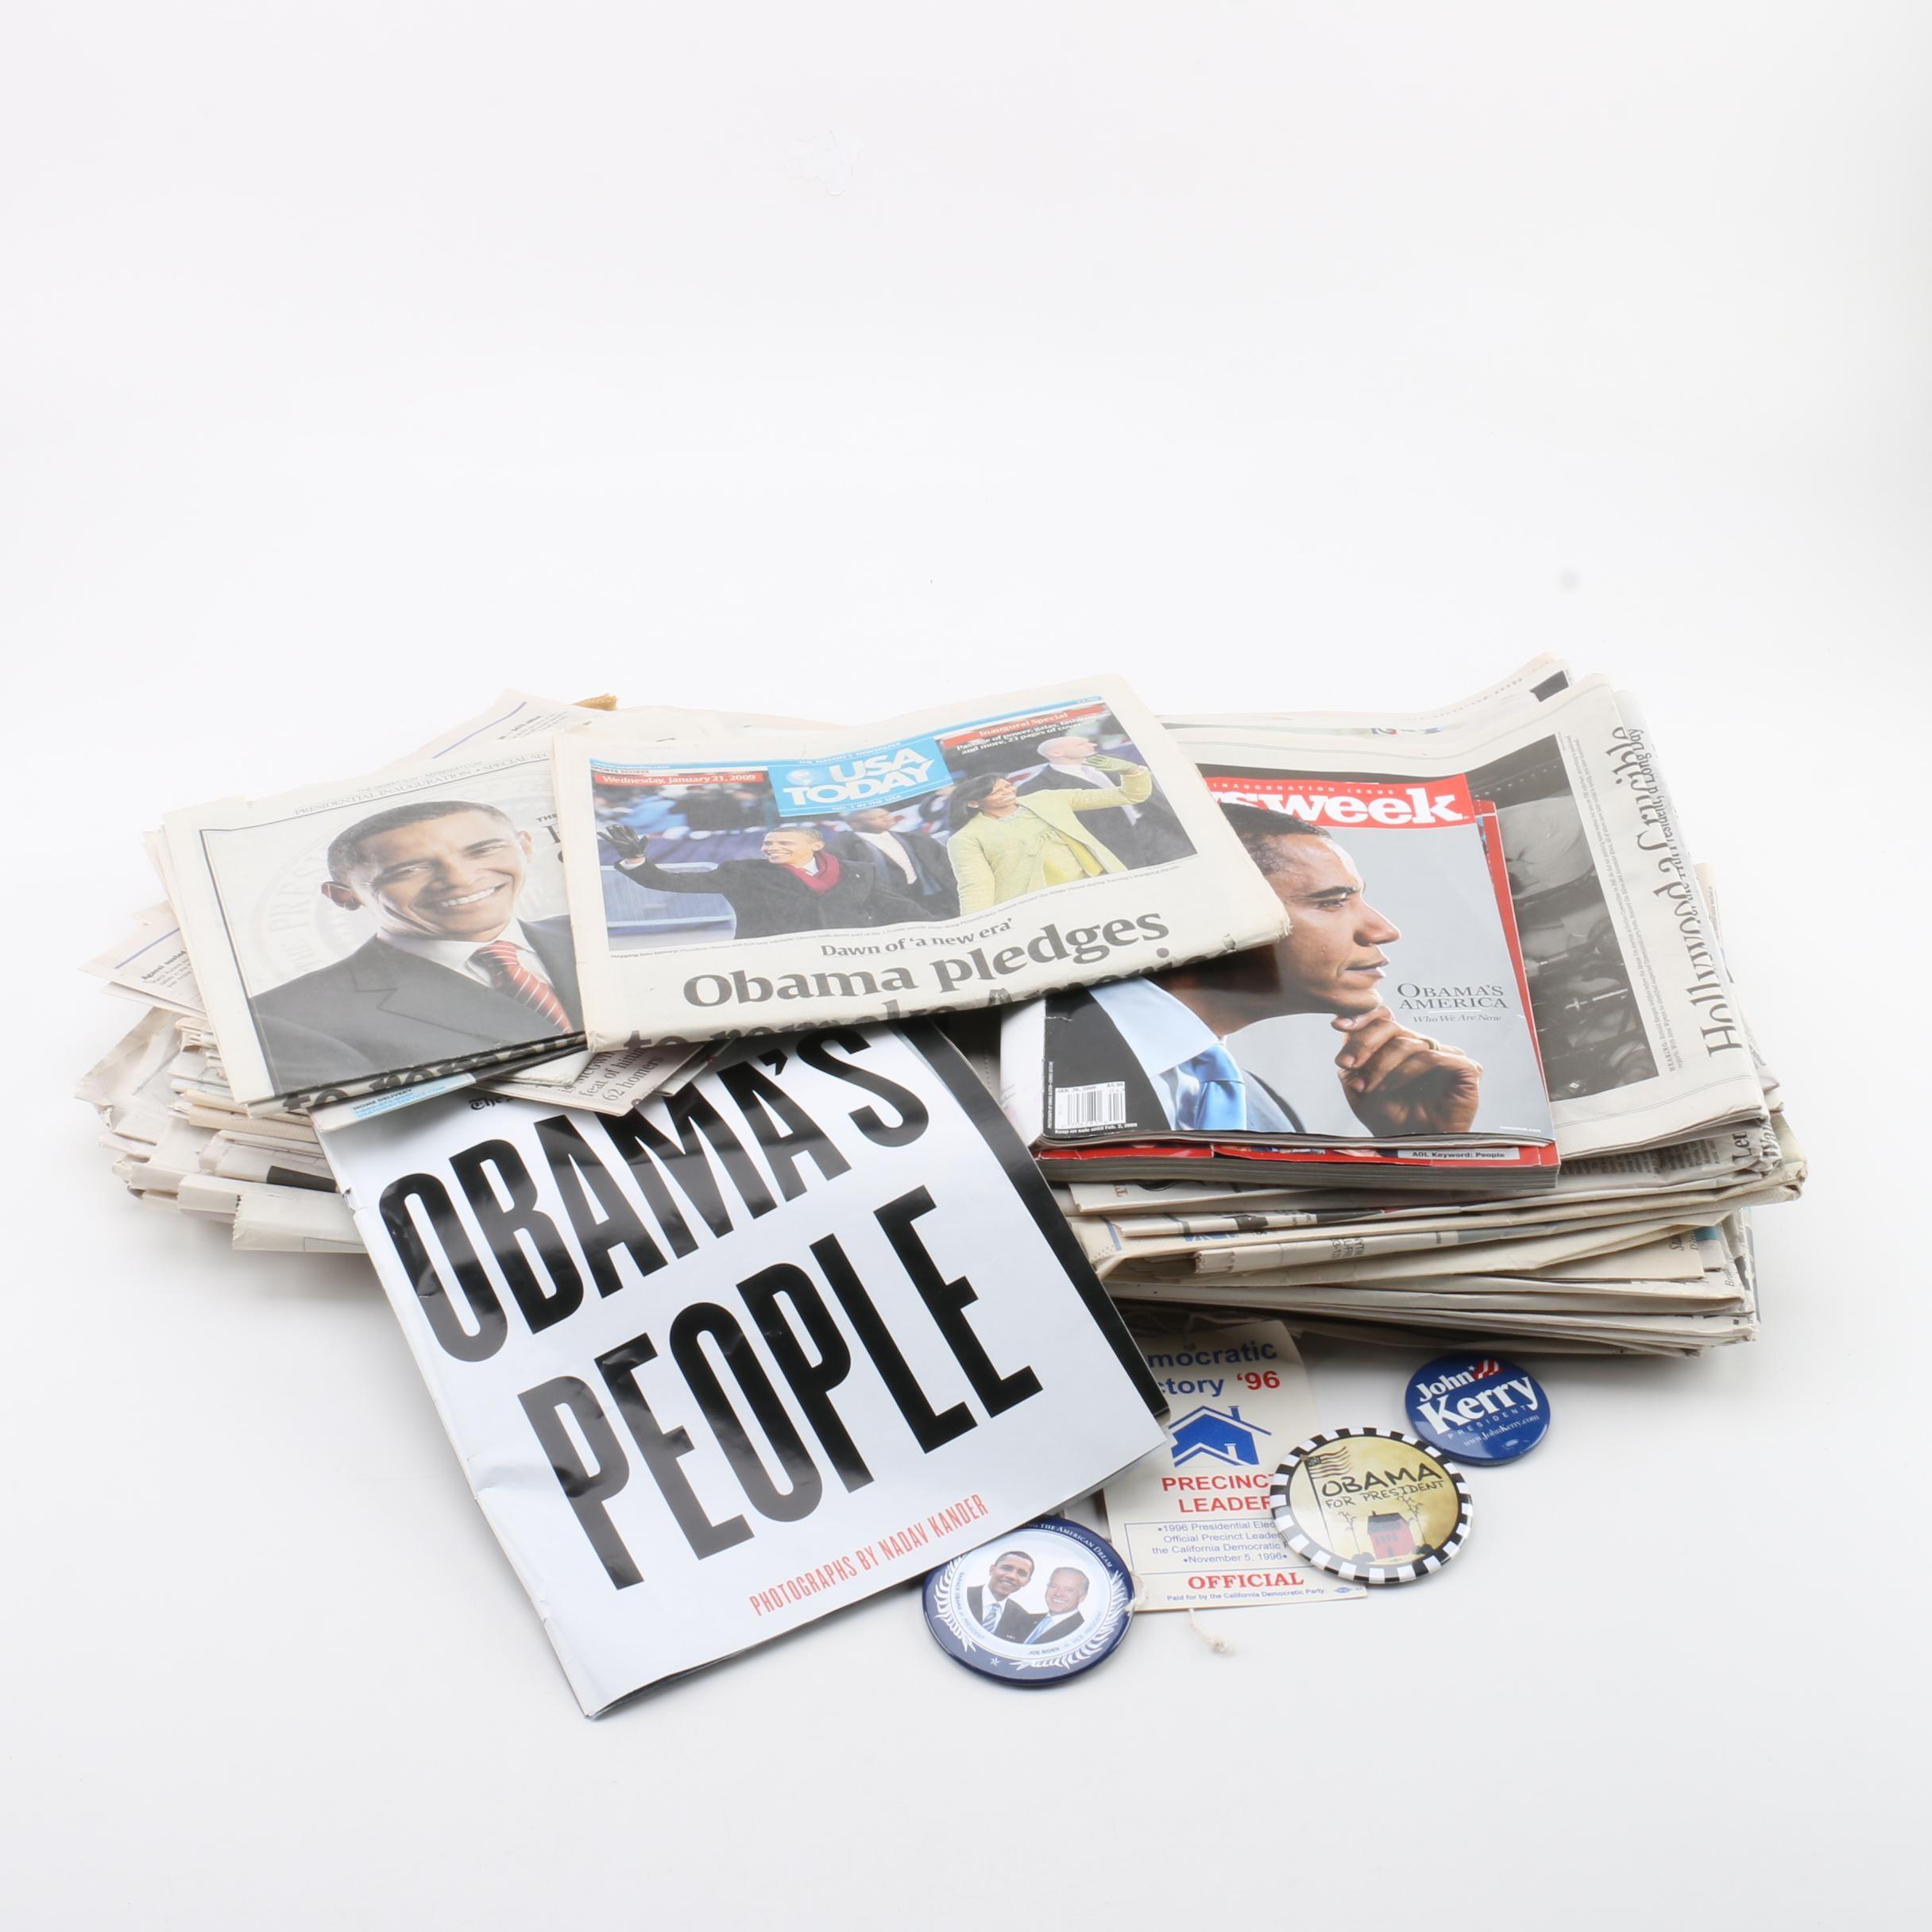 Political Ephemera and Pinbacks Featuring Barack Obama